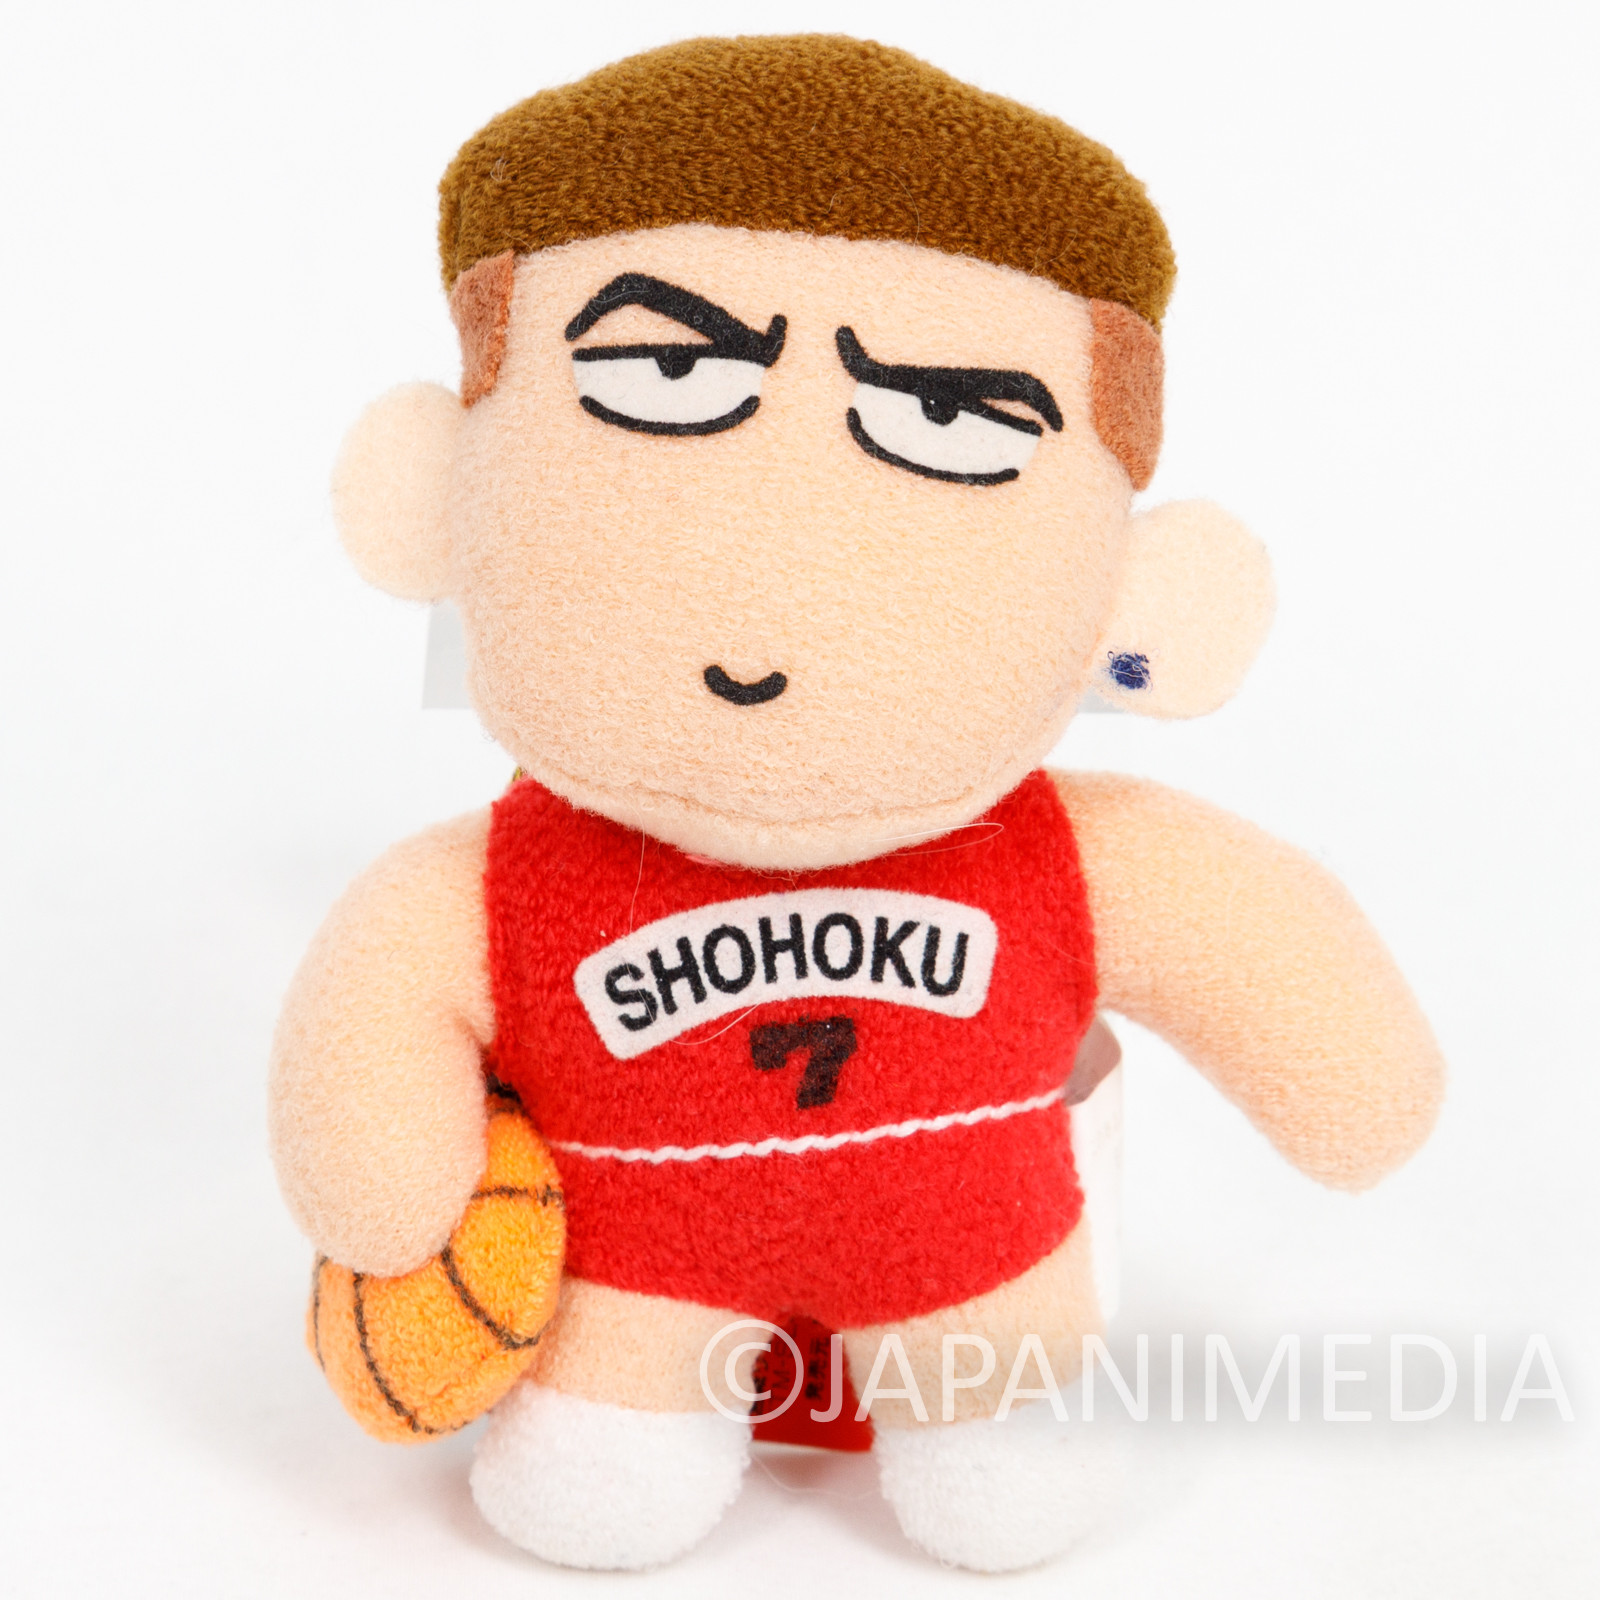 SLAM DUNK Ryota Miyagi #7 Plush Doll Strap JAPAN ANIME MANGA